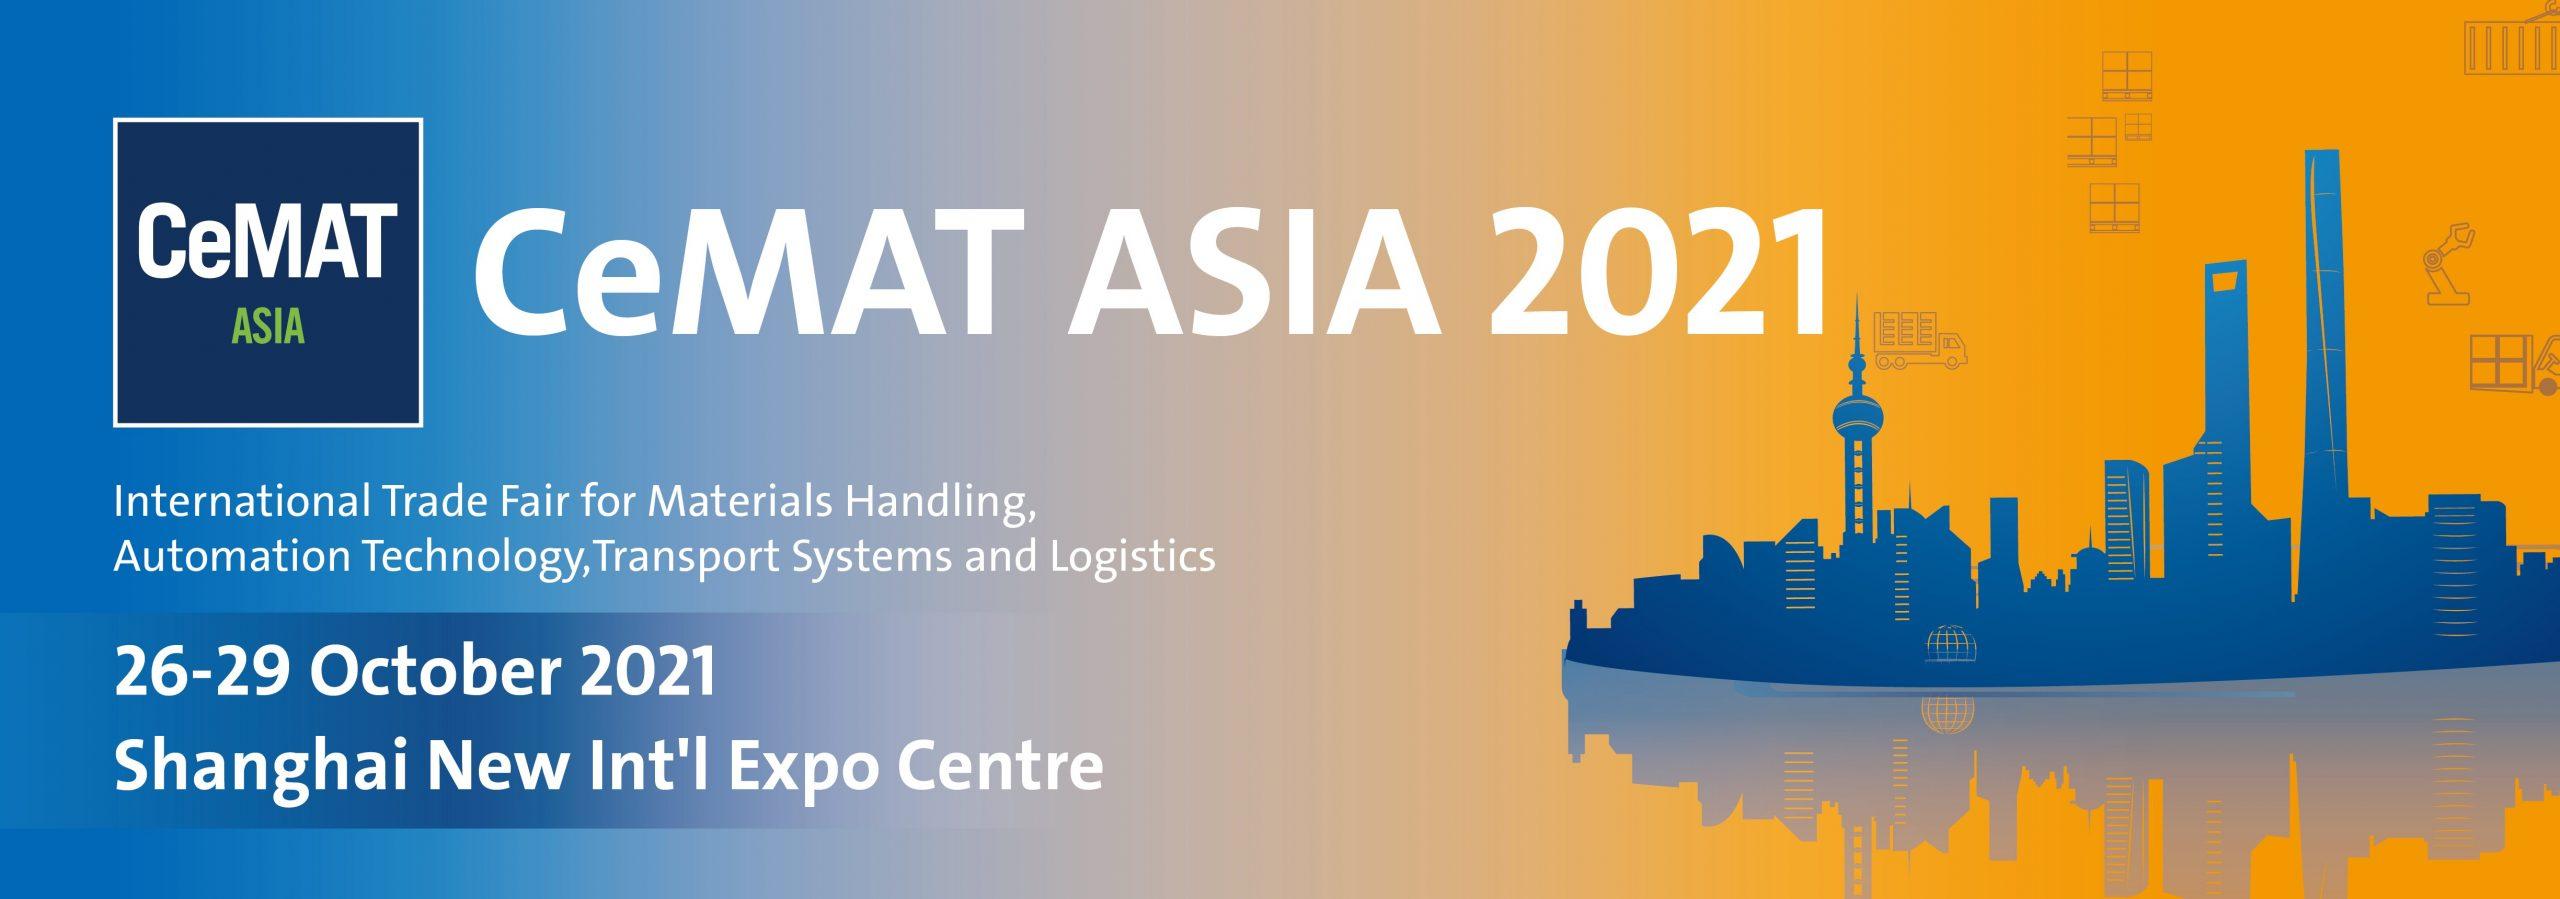 CeMAT Asia 2021